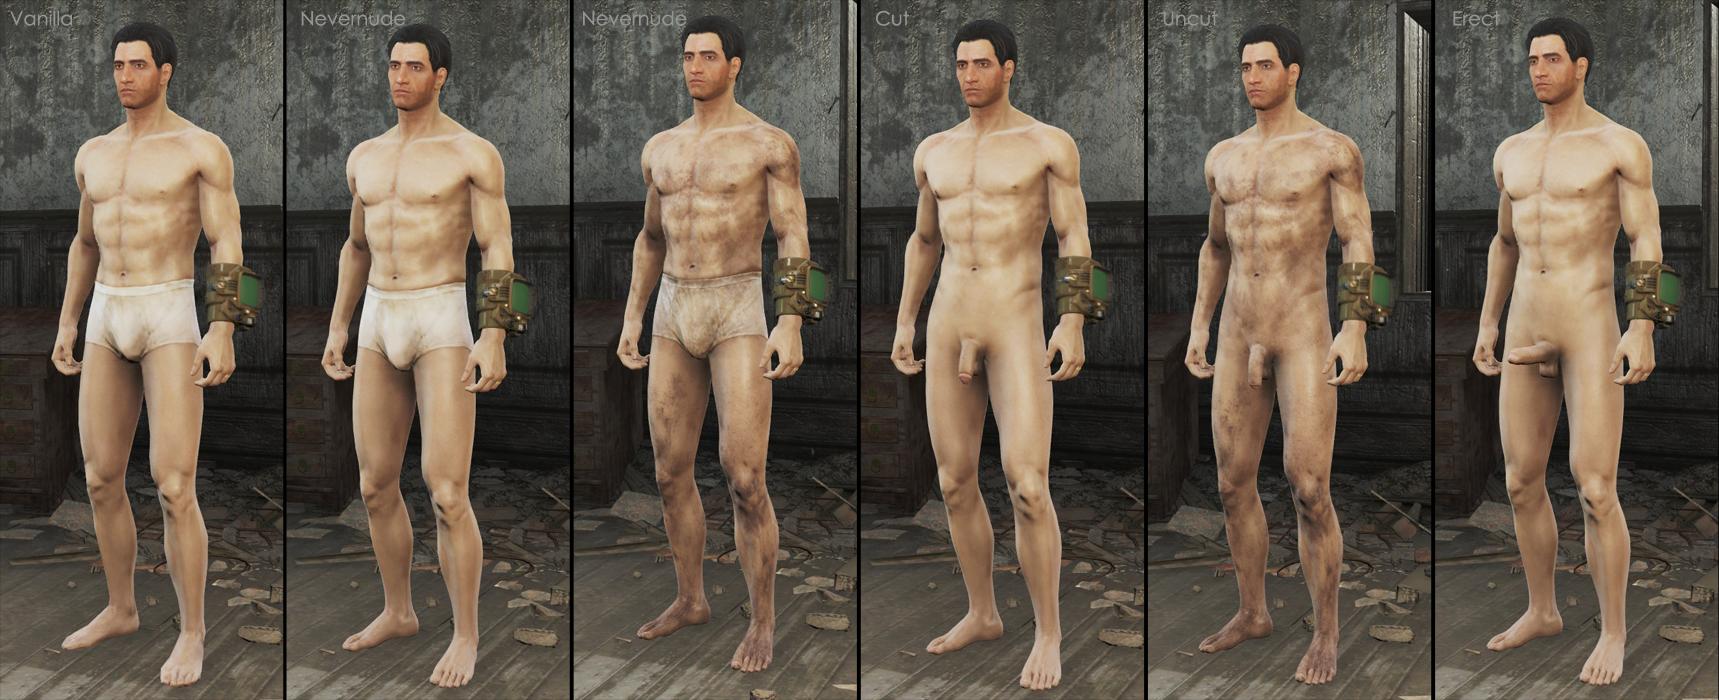 Oblivion Male Nude 9